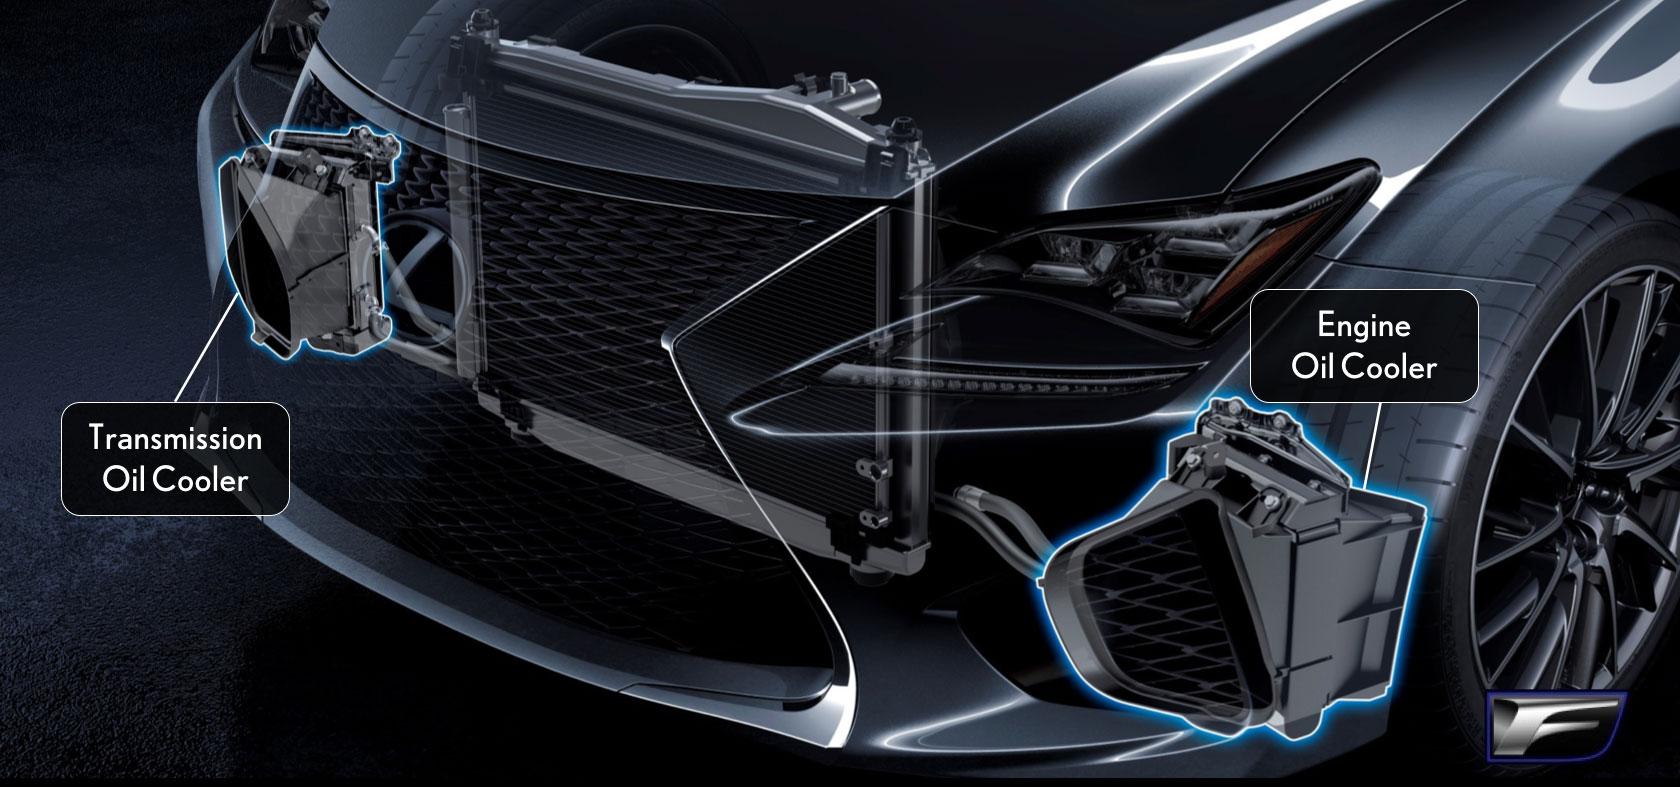 Lexus Rc F Oil Coolers